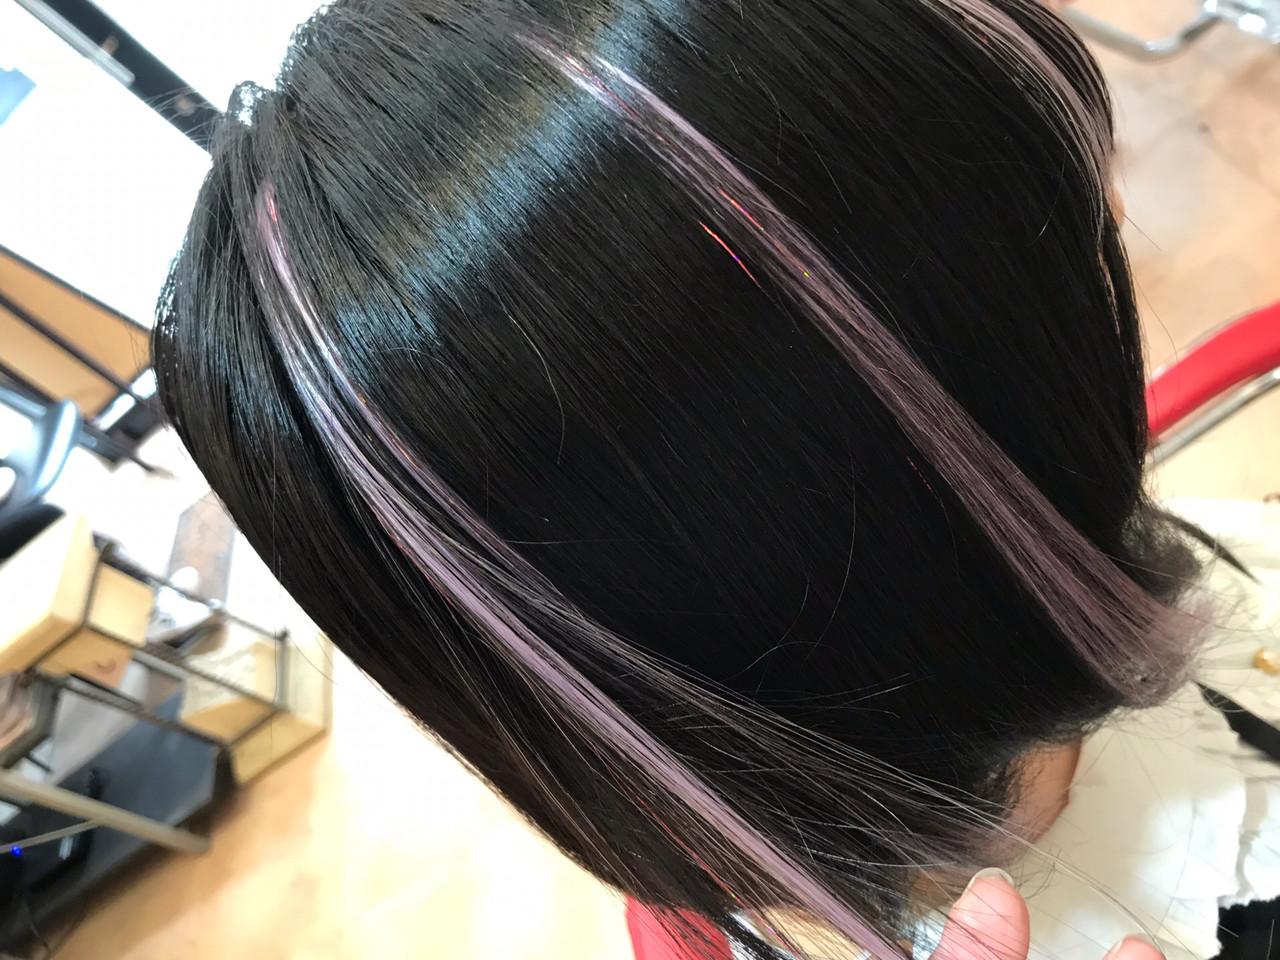 ナチュラル 韓国ヘア パープル ボブ ヘアスタイルや髪型の写真・画像